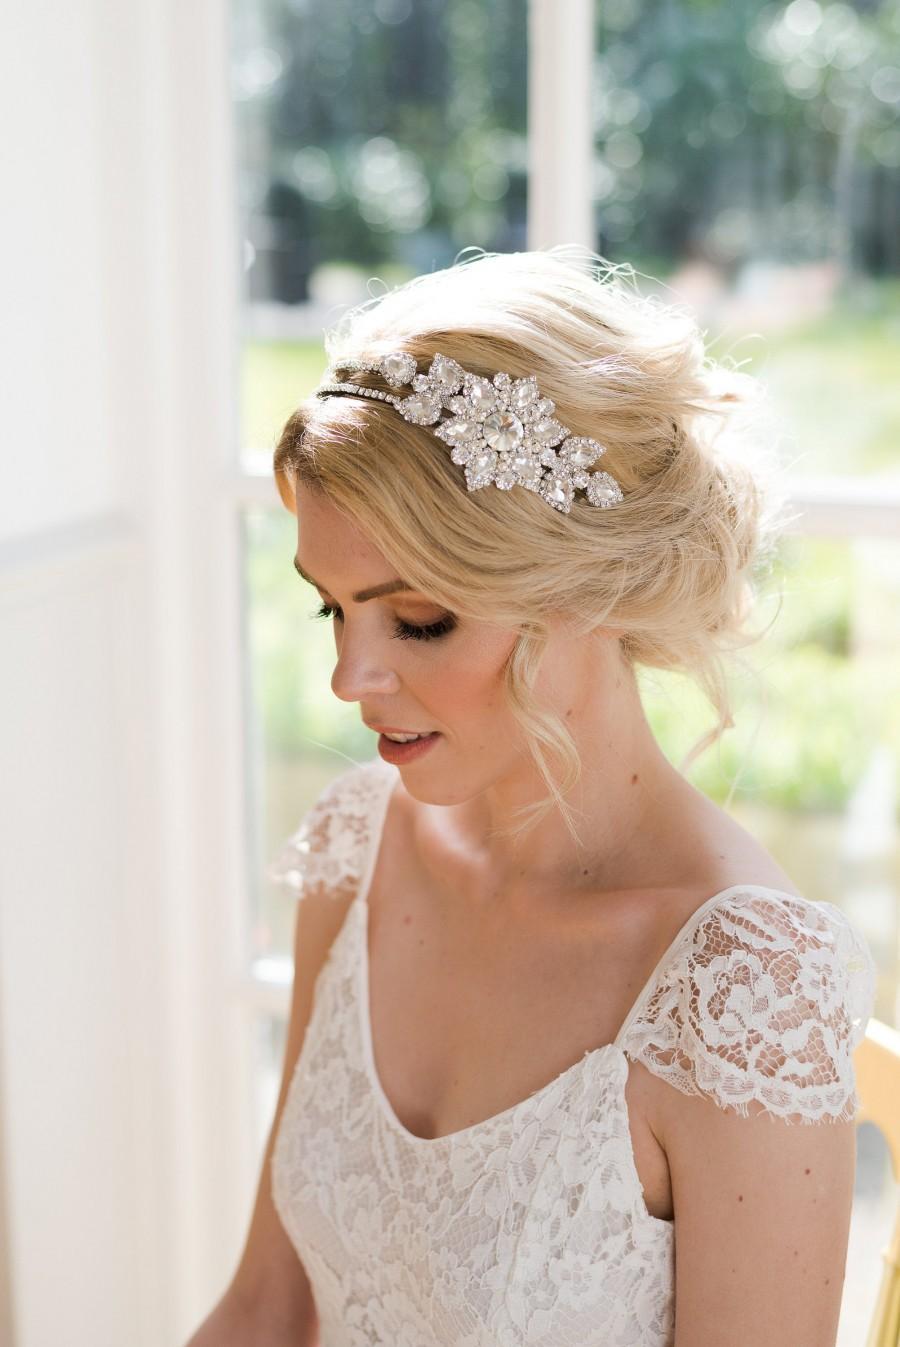 Mariage - Gatsby bridal headpiece, 1920s wedding hair accessory, 1920s bridal headpiece, Gatsby wedding hair accessory, 1920s wedding headpiece